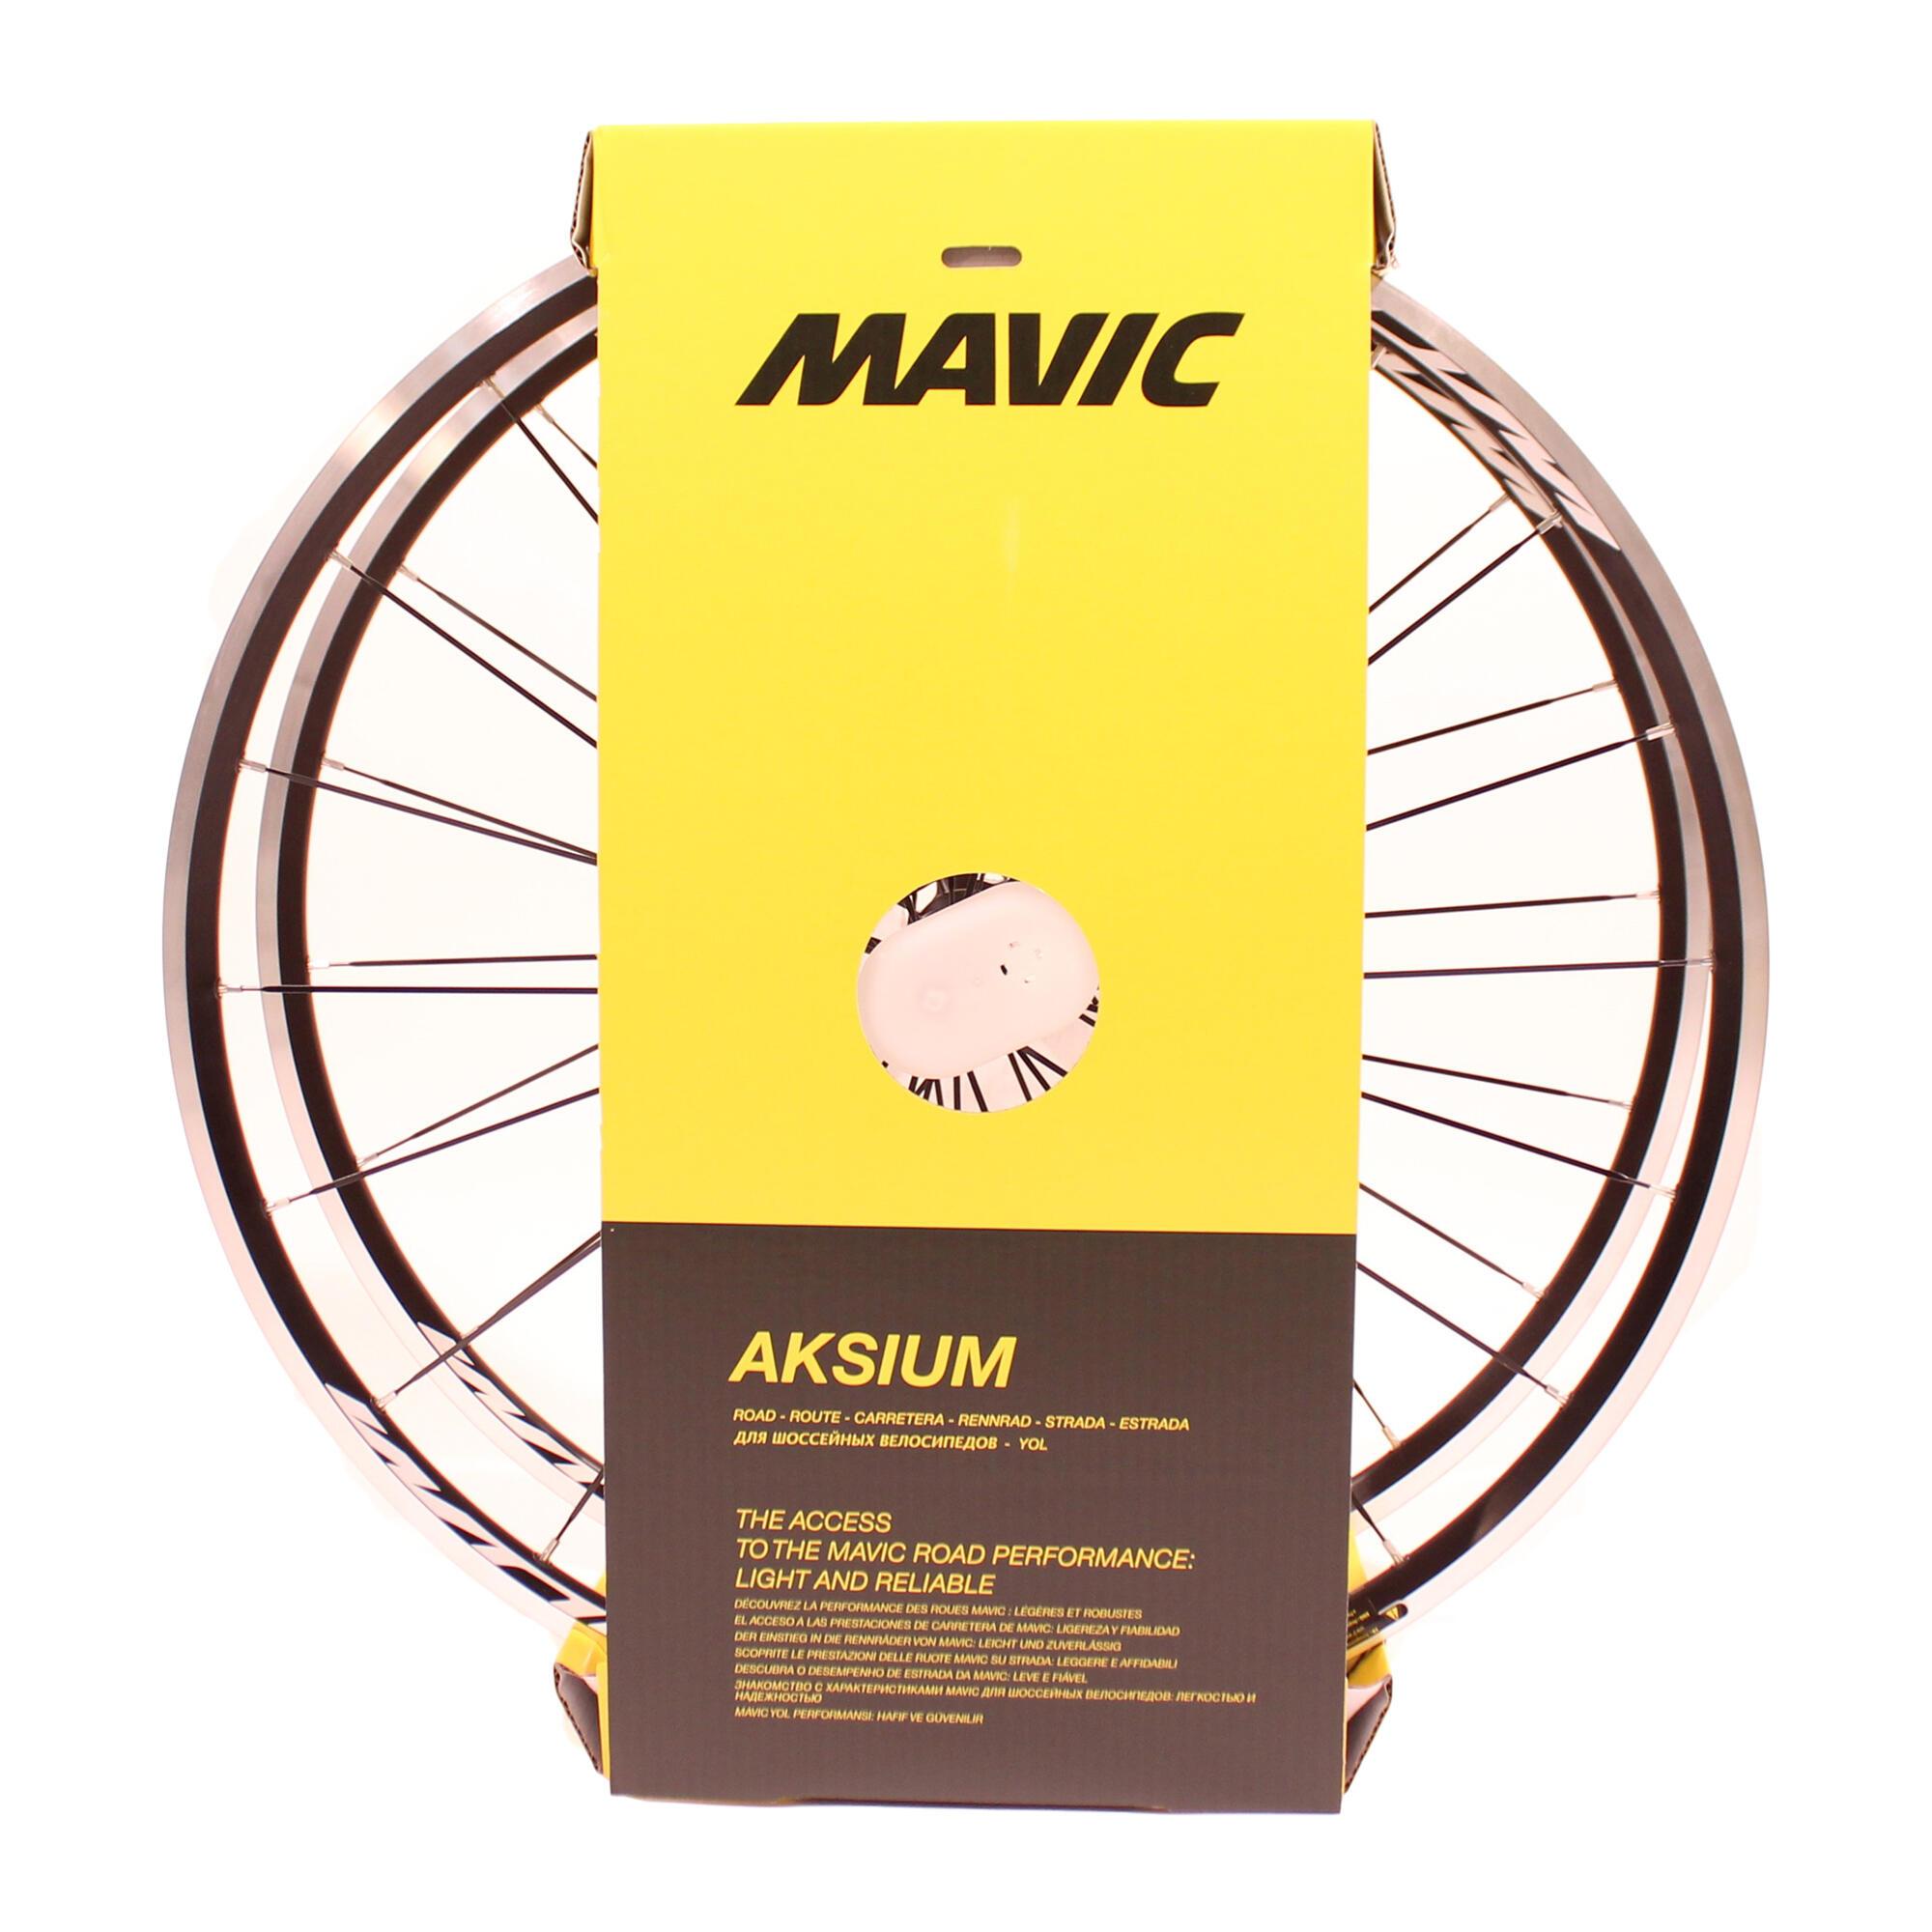 Mavic RACEWIELEN 700 MAVIC AKSIUM ZWART PAAR